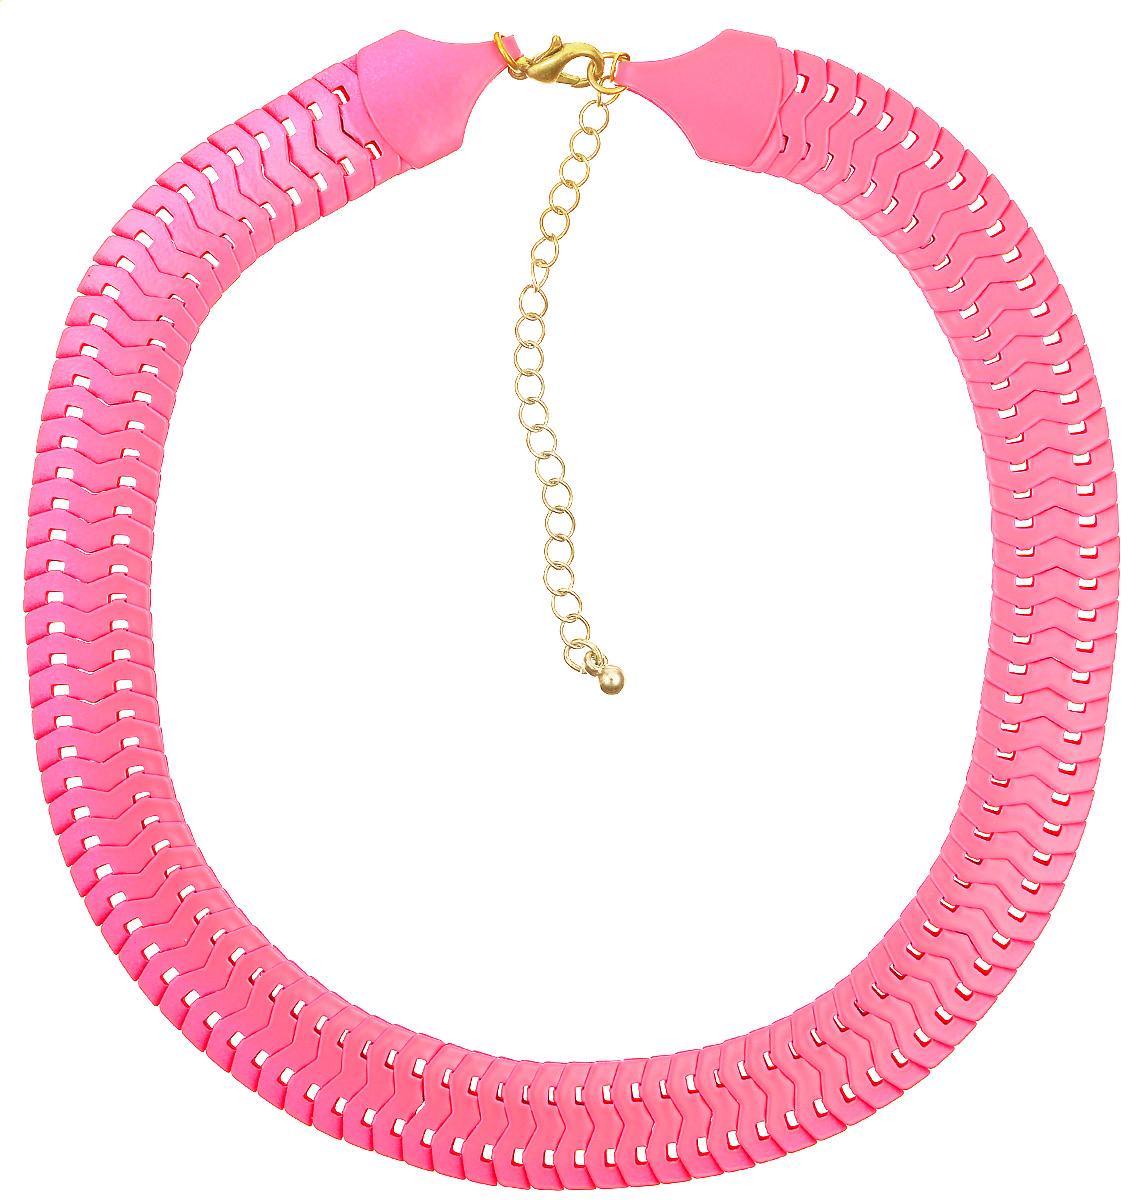 Колье Kawaii Factory Flat, цвет: ярко-розовый. KW091-000082KW091-000082Оригинальное колье Flat от Kawaii Factory похоже на маленькую яркую змейку и напомнит вам о теплых летних днях. Украшение выглядит роскошно и беззаботно, что позволяет носить его и днем, и вечером, имеет хорошо продуманный дизайн и идеальное качество. Колье выполнено из металлических плоских звеньев и застегивается на удобный замок-карабин. Такое колье позволит вам создать игривый, запоминающийся образ для любого случая жизни. Изделие подчеркнет изысканные линии декольте и изгиб шеи, а яркая цветовая гамма дополнит любой наряд.